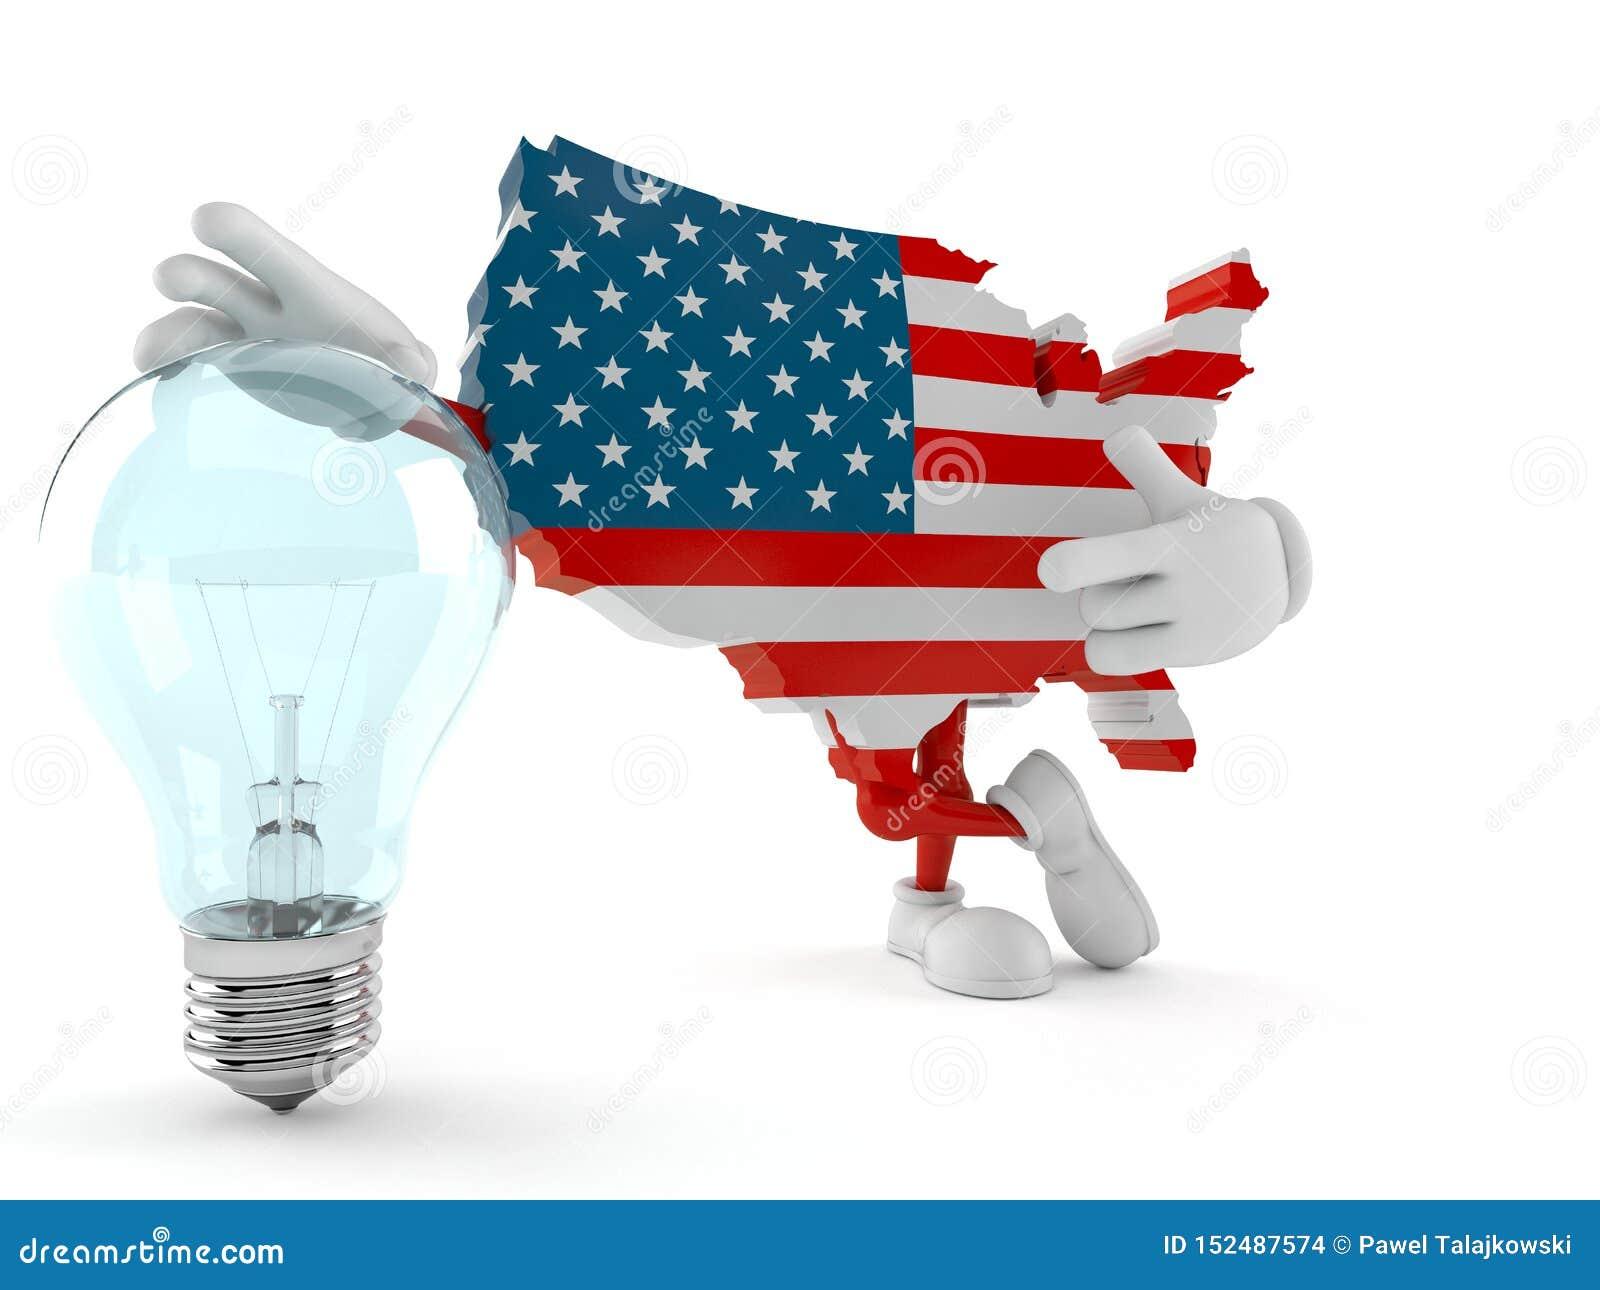 USA character with light bulb